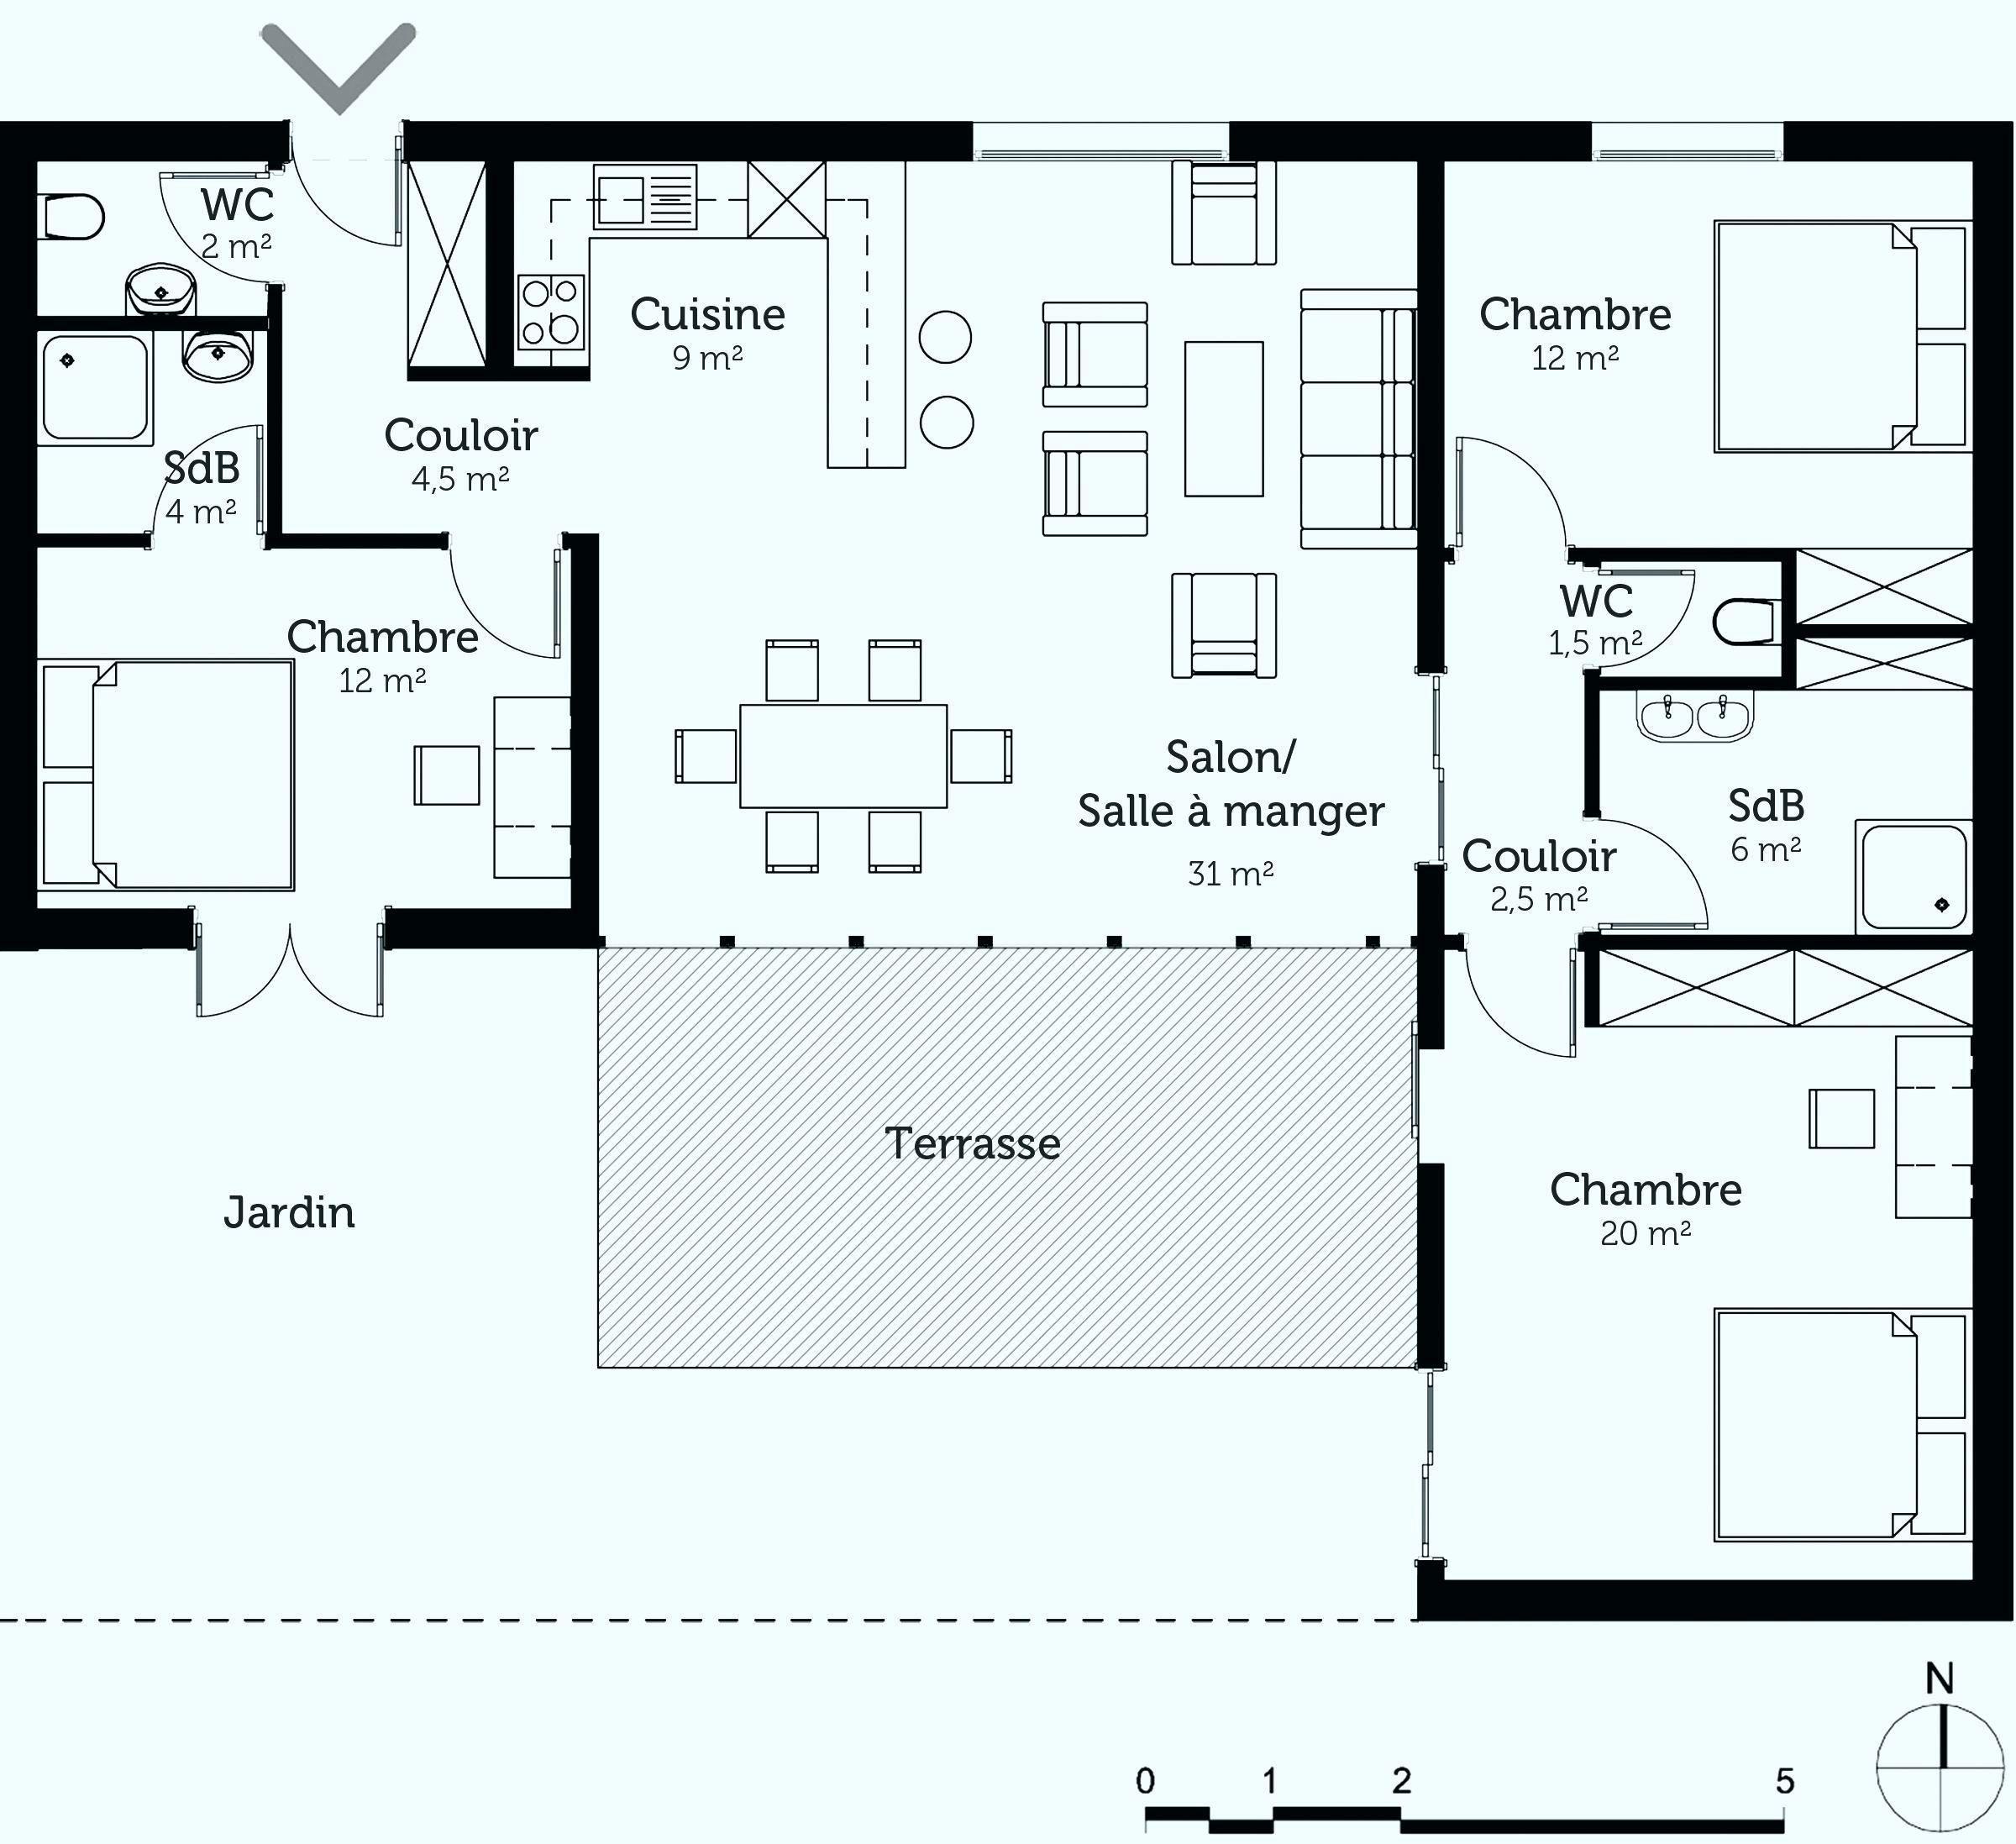 38 Plan Maison Sur Terrain En Longueur In 2020 Single Storey House Plans Building Plans House How To Plan